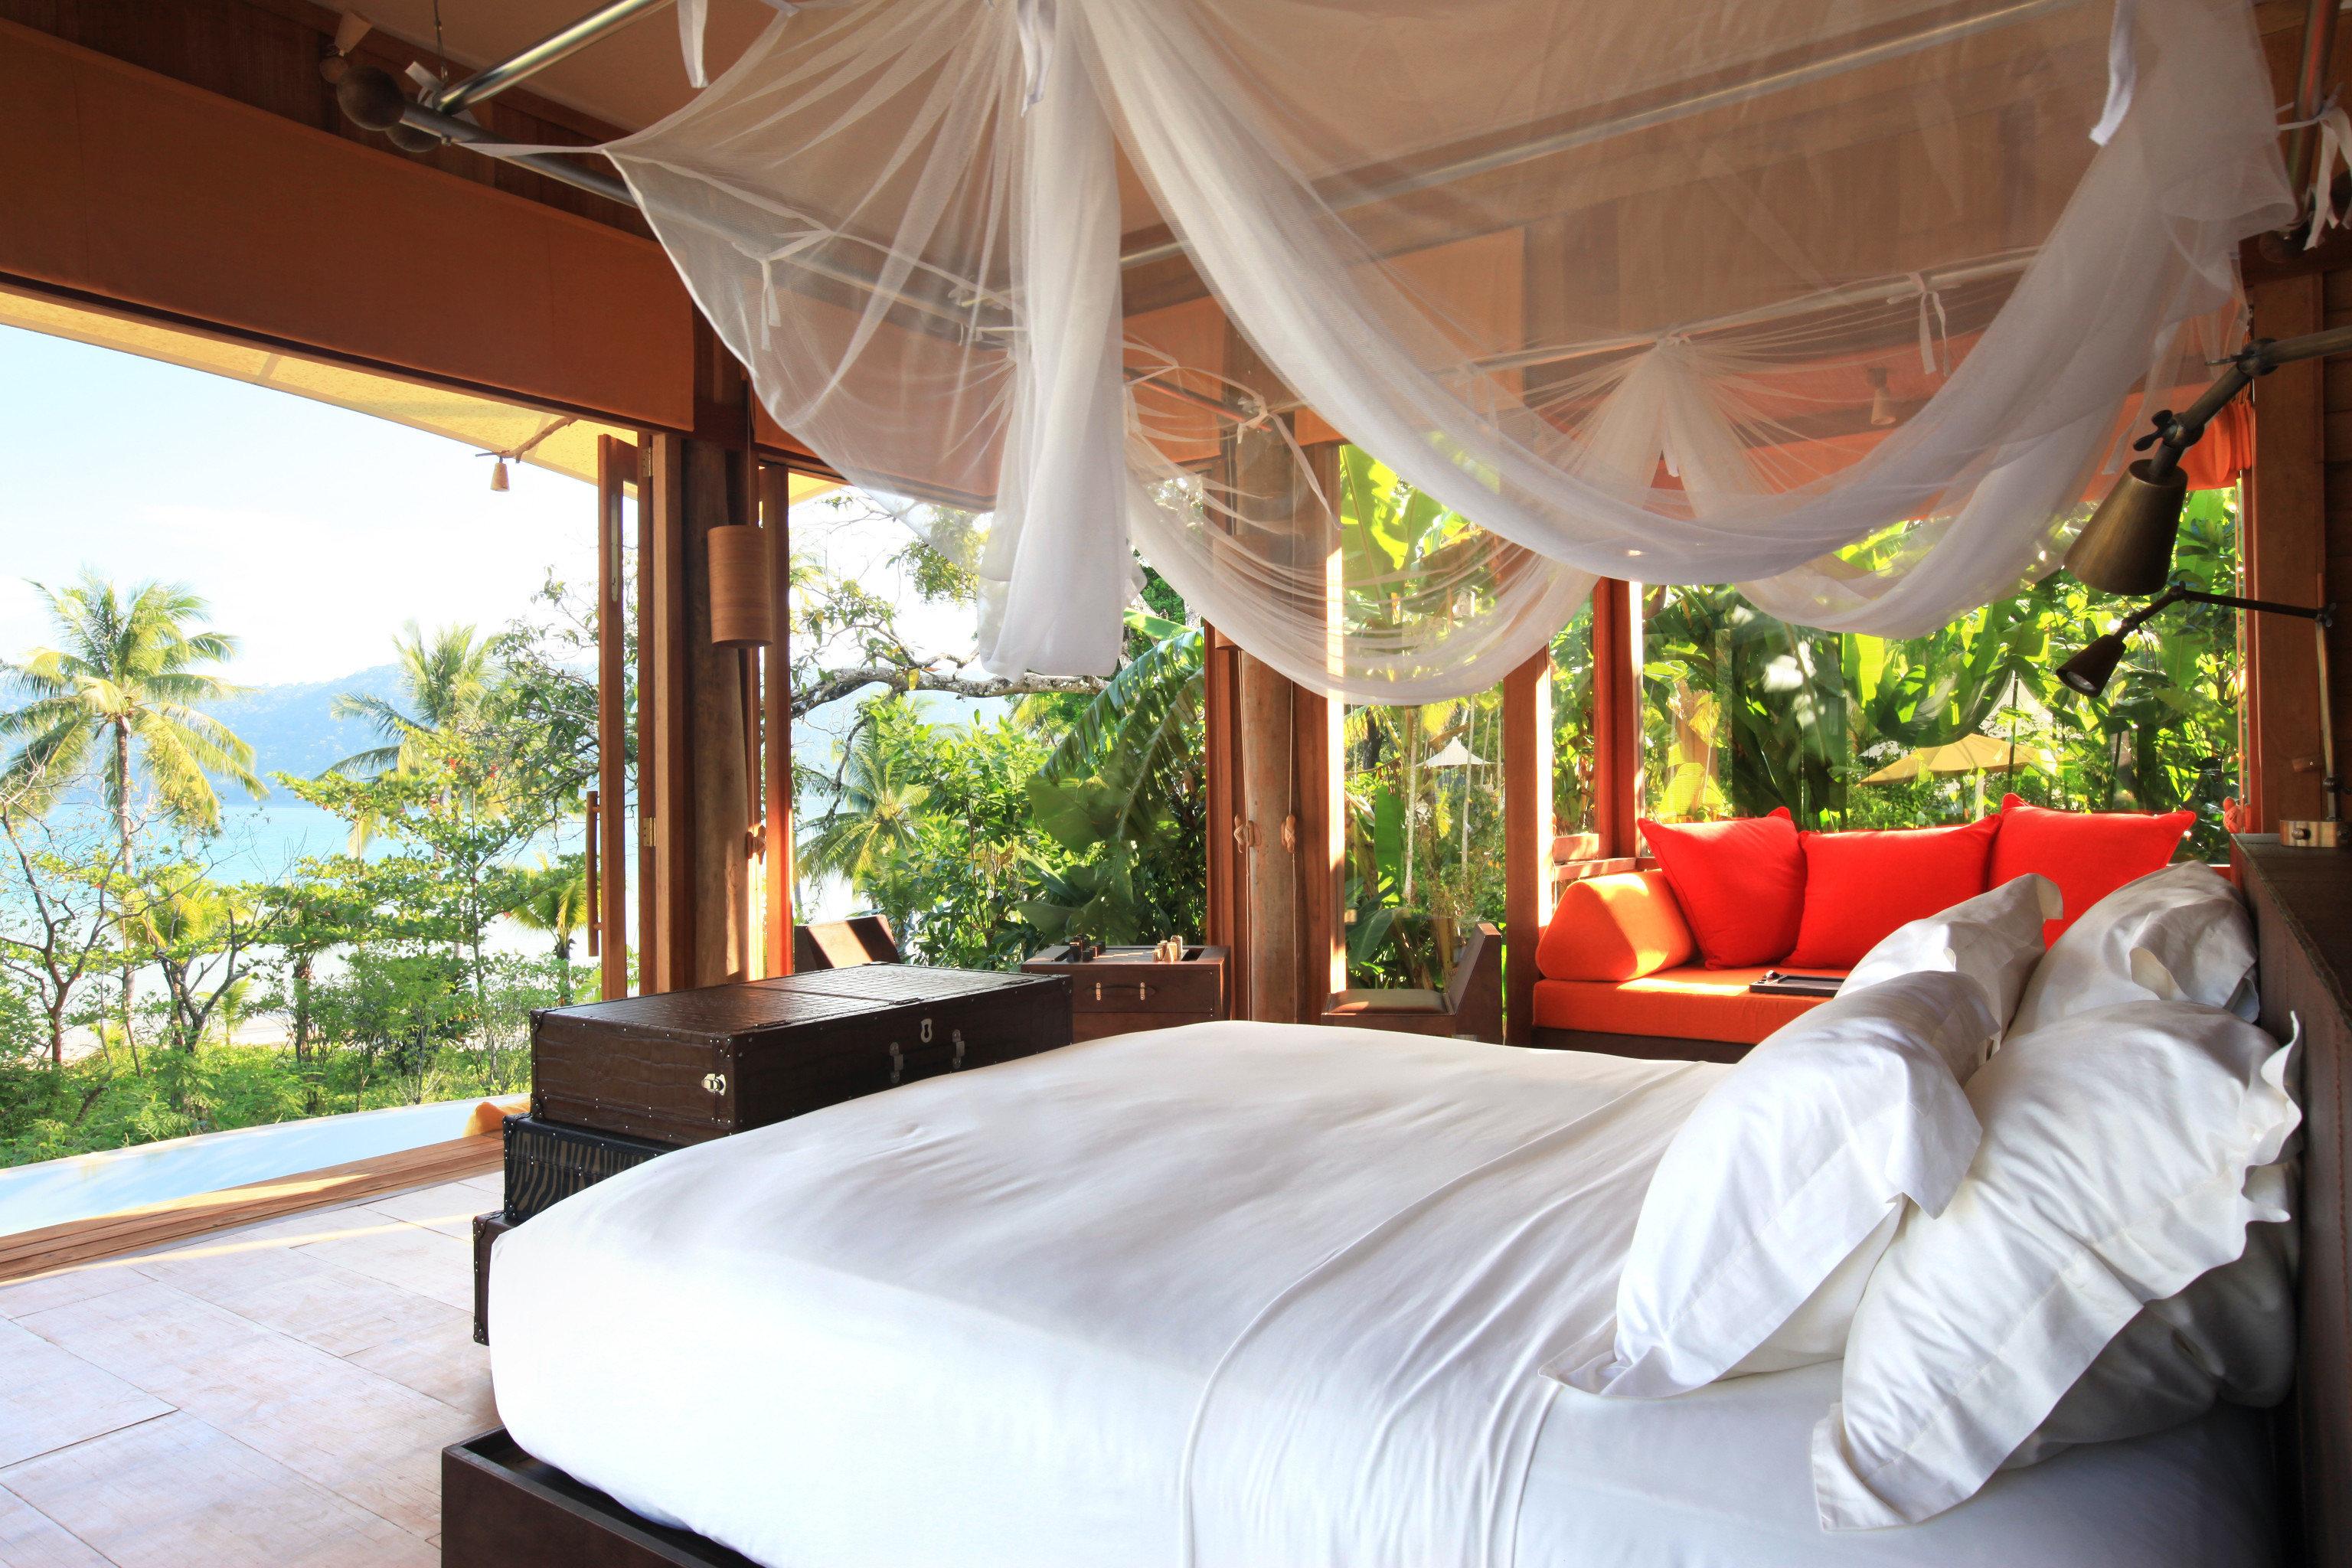 Bedroom Deck Hotels Pool Scenic views Suite property room Resort bed estate Villa real estate interior design cottage eco hotel